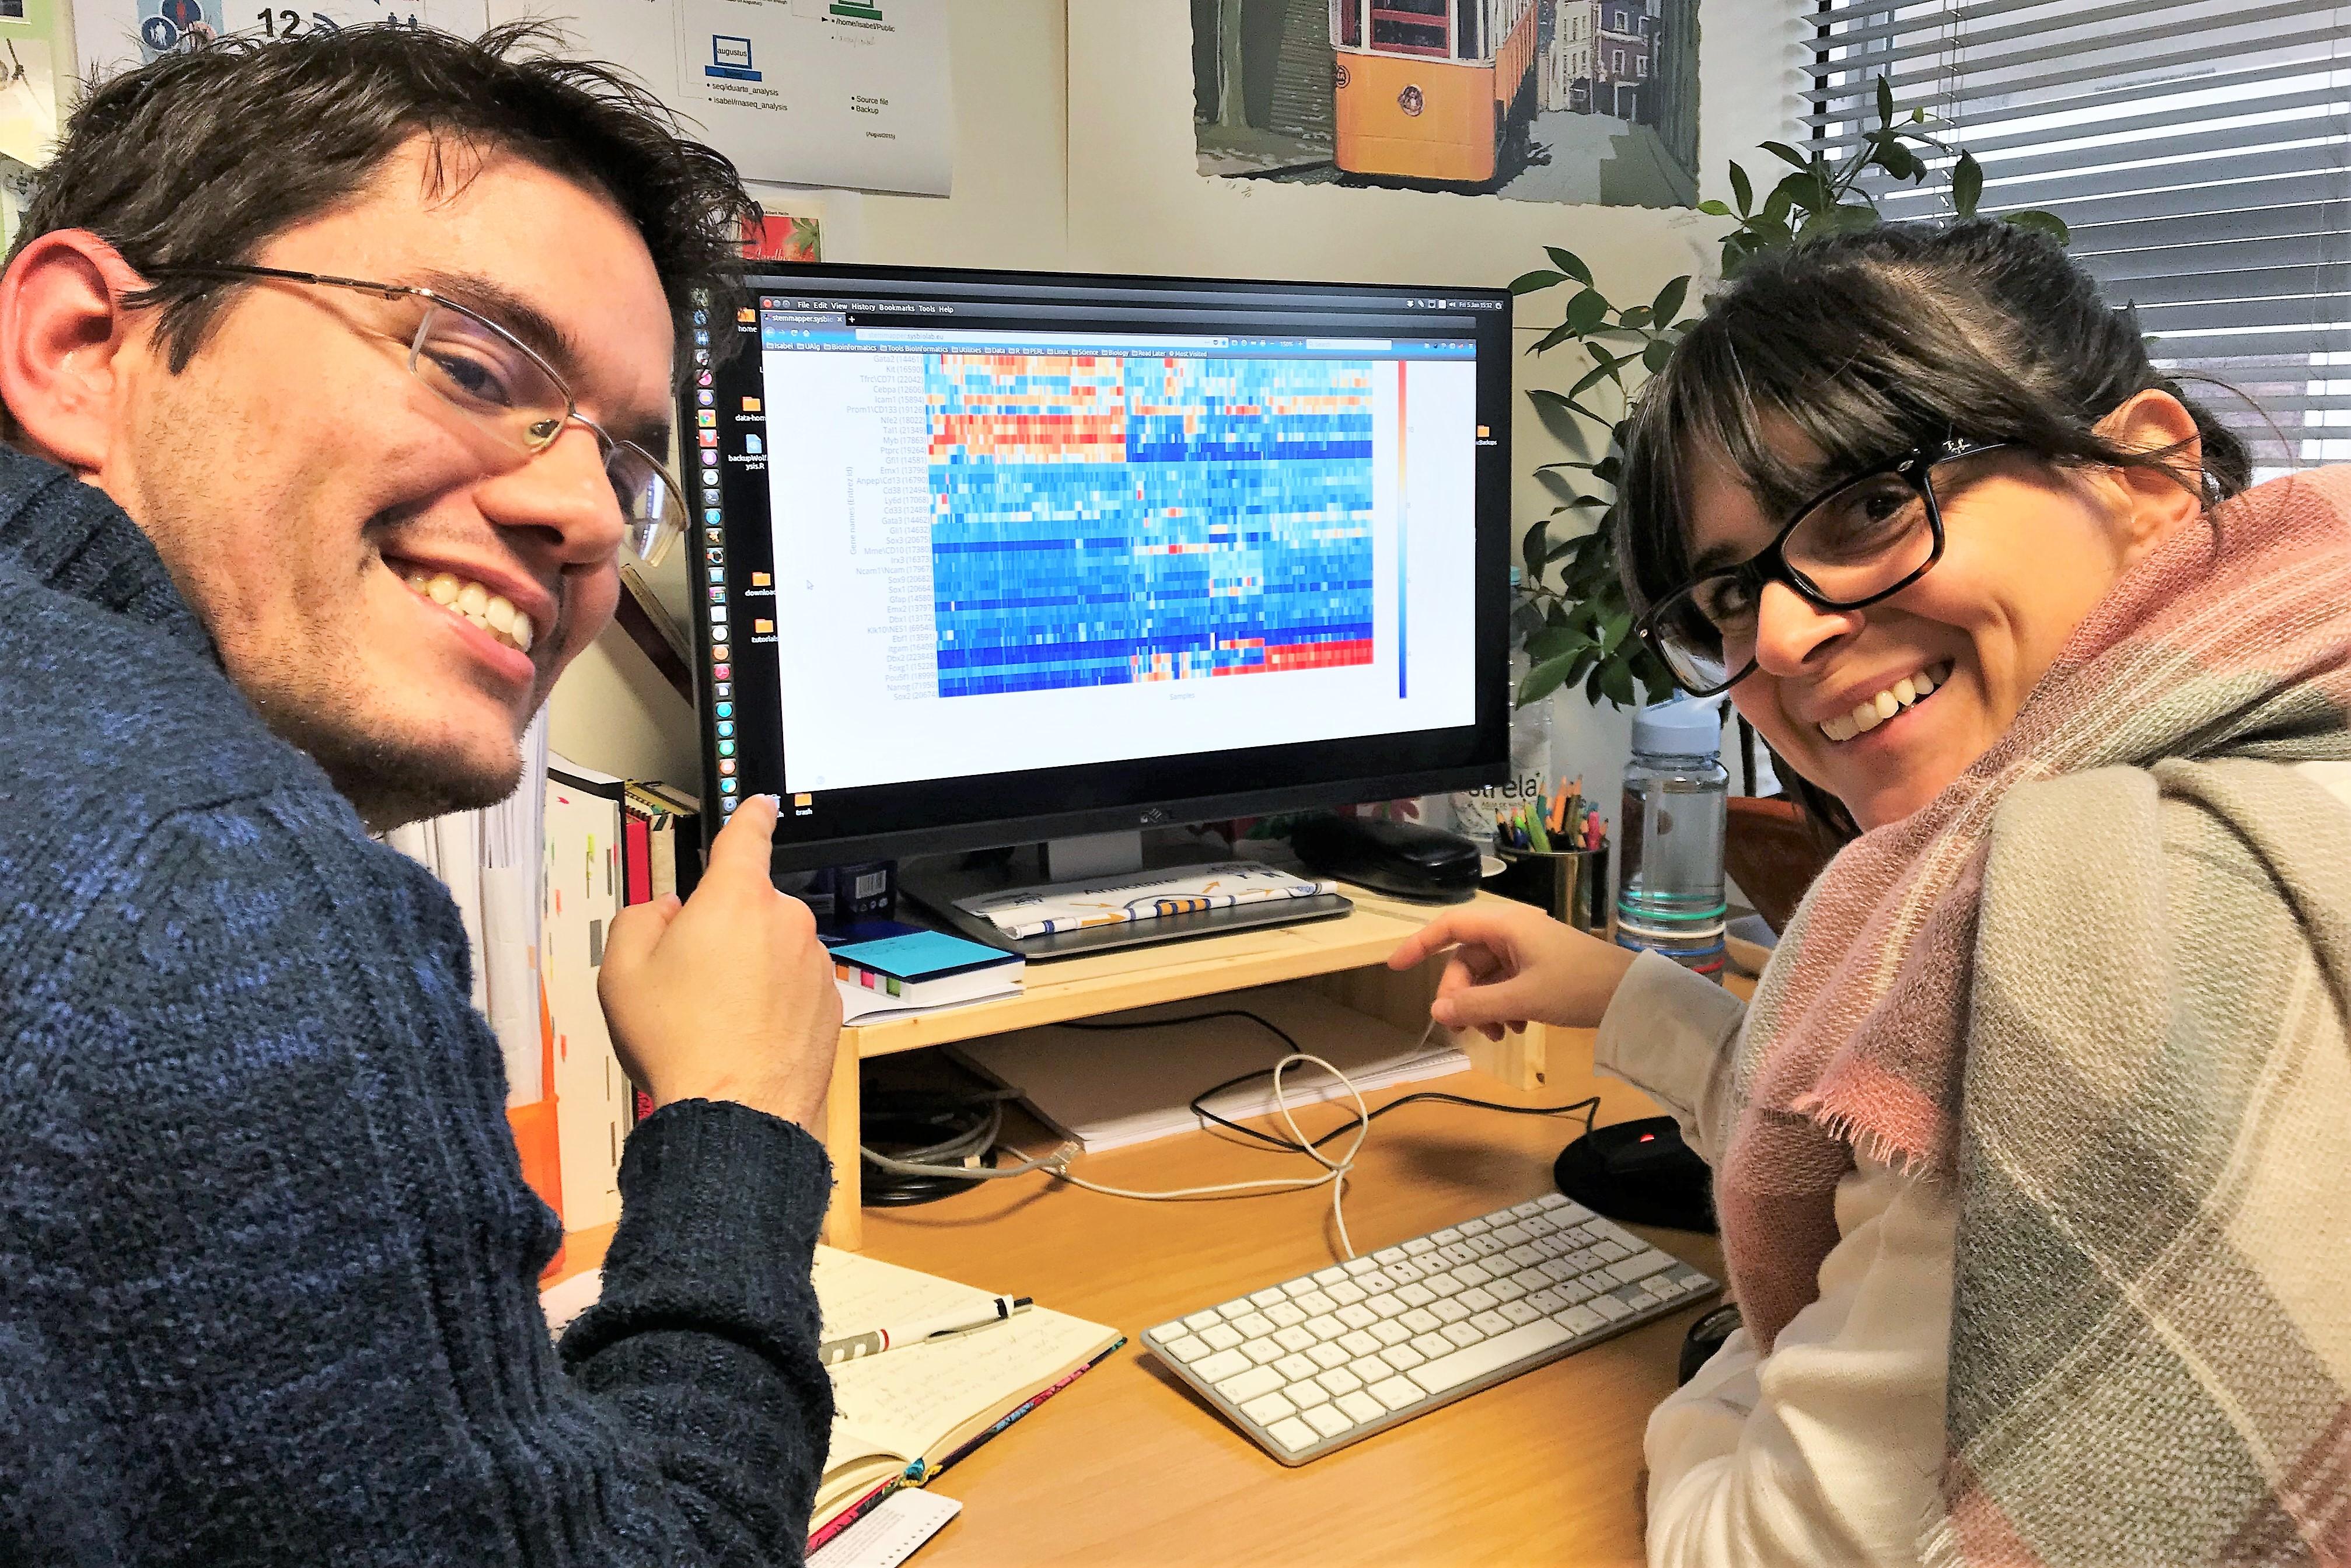 Stammzellen visualisiert durch den an der Universität der Algarve von Bioinformatikern entwickelten StemMapper